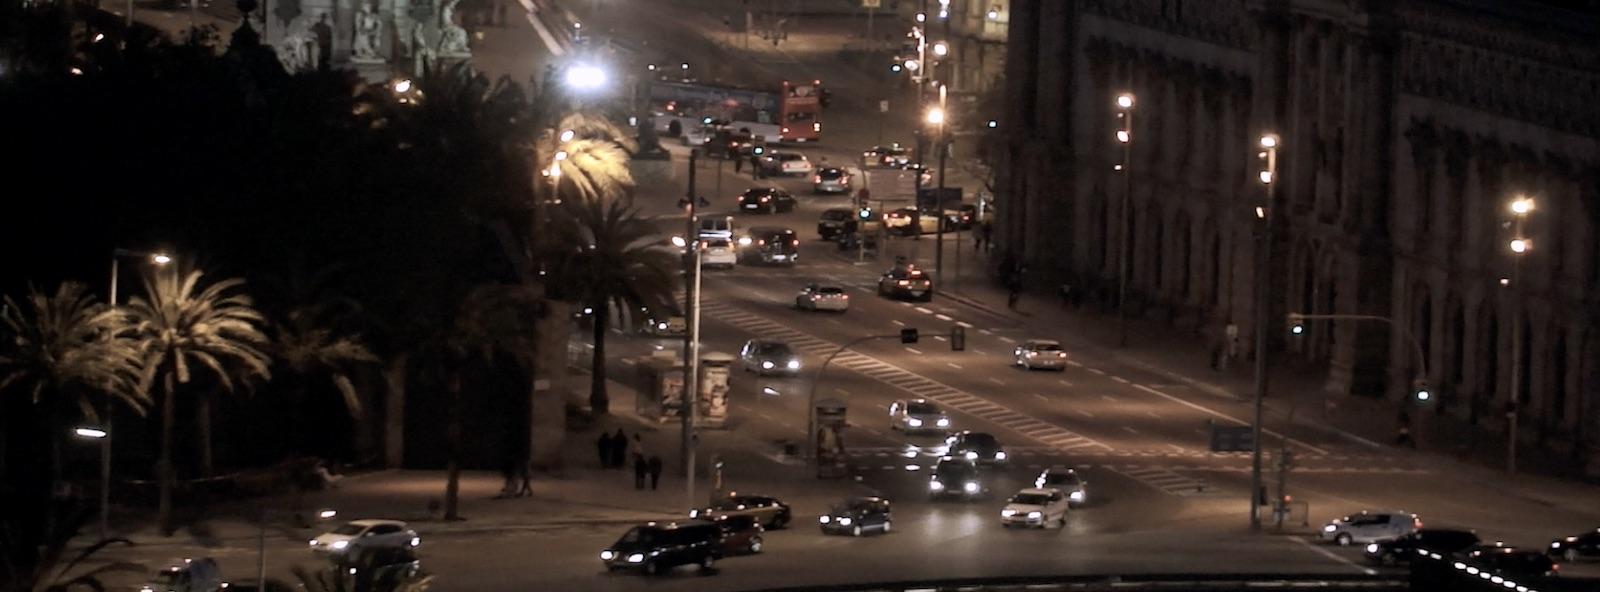 videoclip-barcelona-productora-video